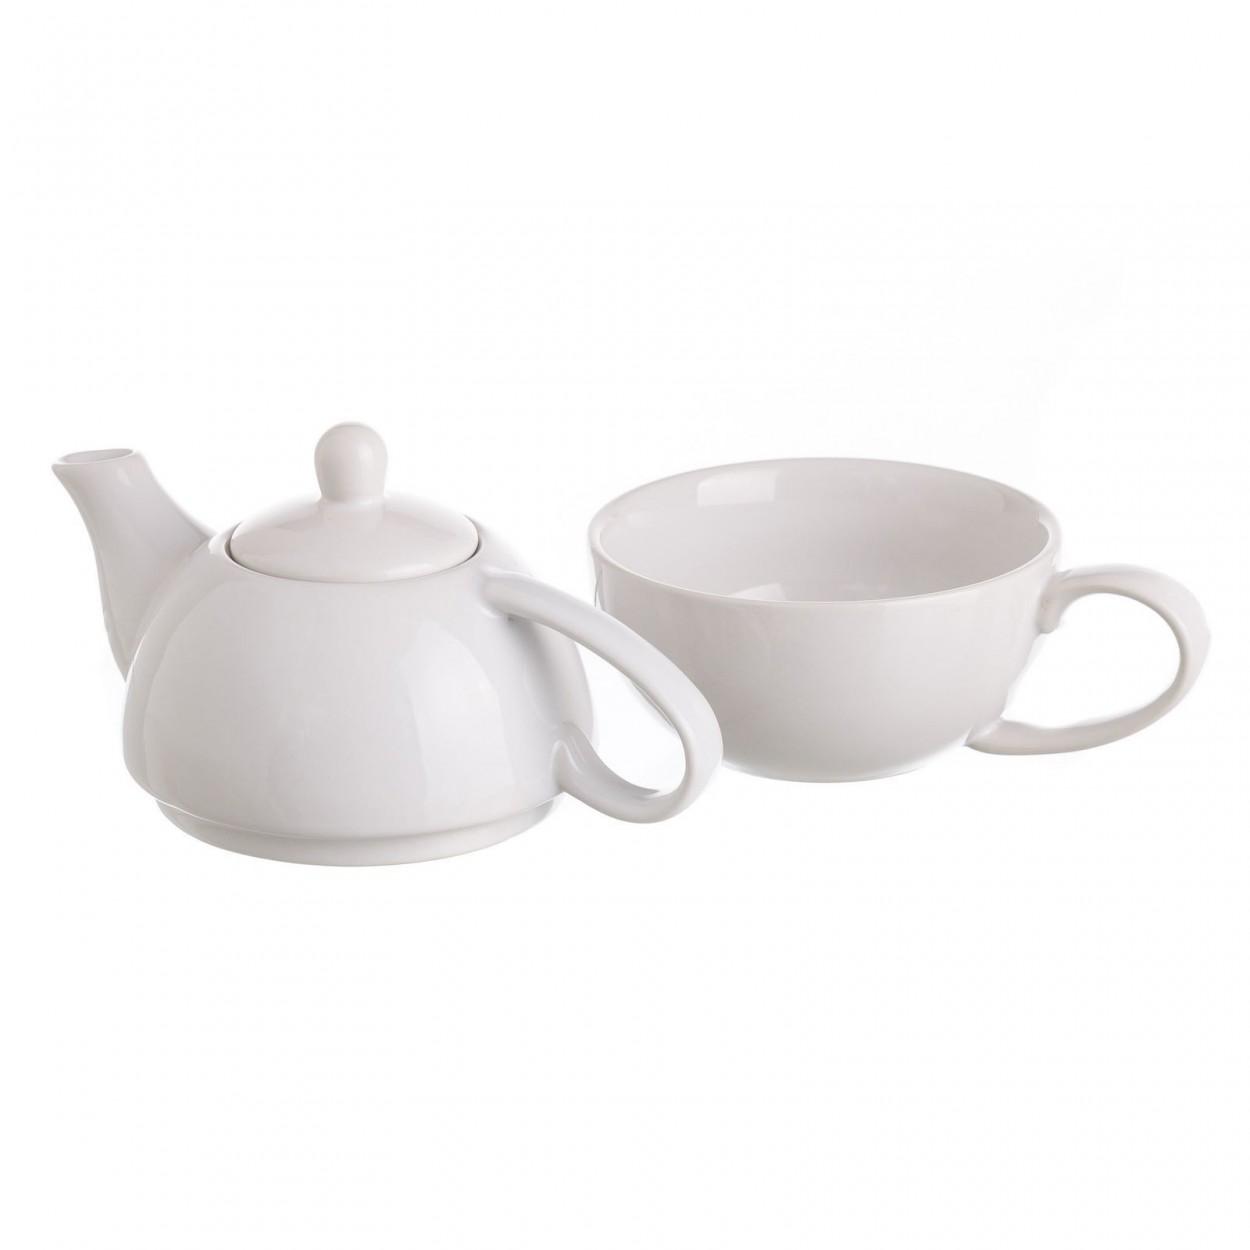 Comprar tetera y taza en set de dos hogar y m s for Diseno de hogar